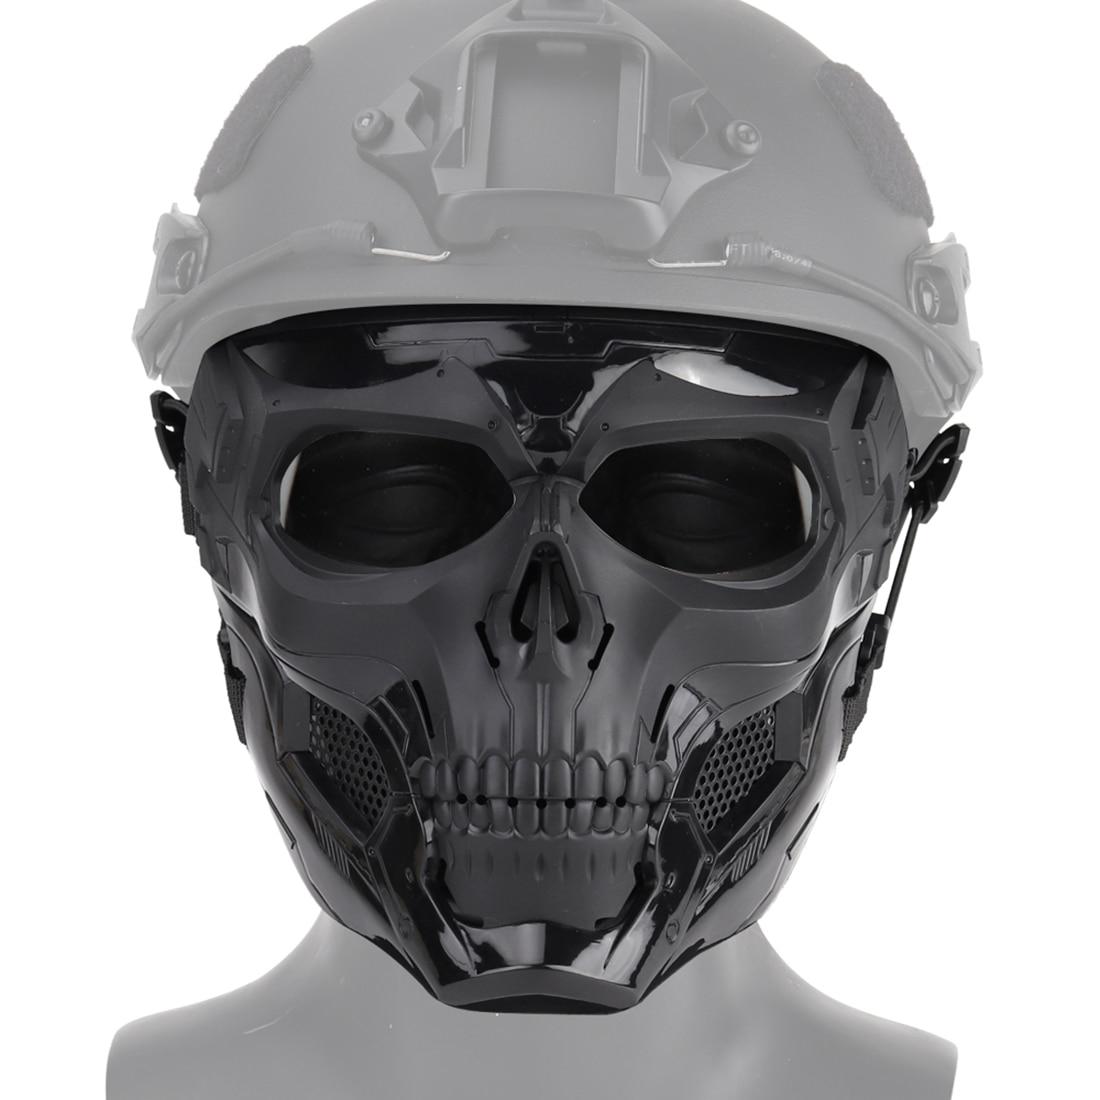 WST MODIKER 2019 Nova Crânio Máscara Tático Jogos Halloween Party Dress Up Festa Para Airsoft Máscara Facial para UMA RÁPIDA Ao Ar Livre atividade